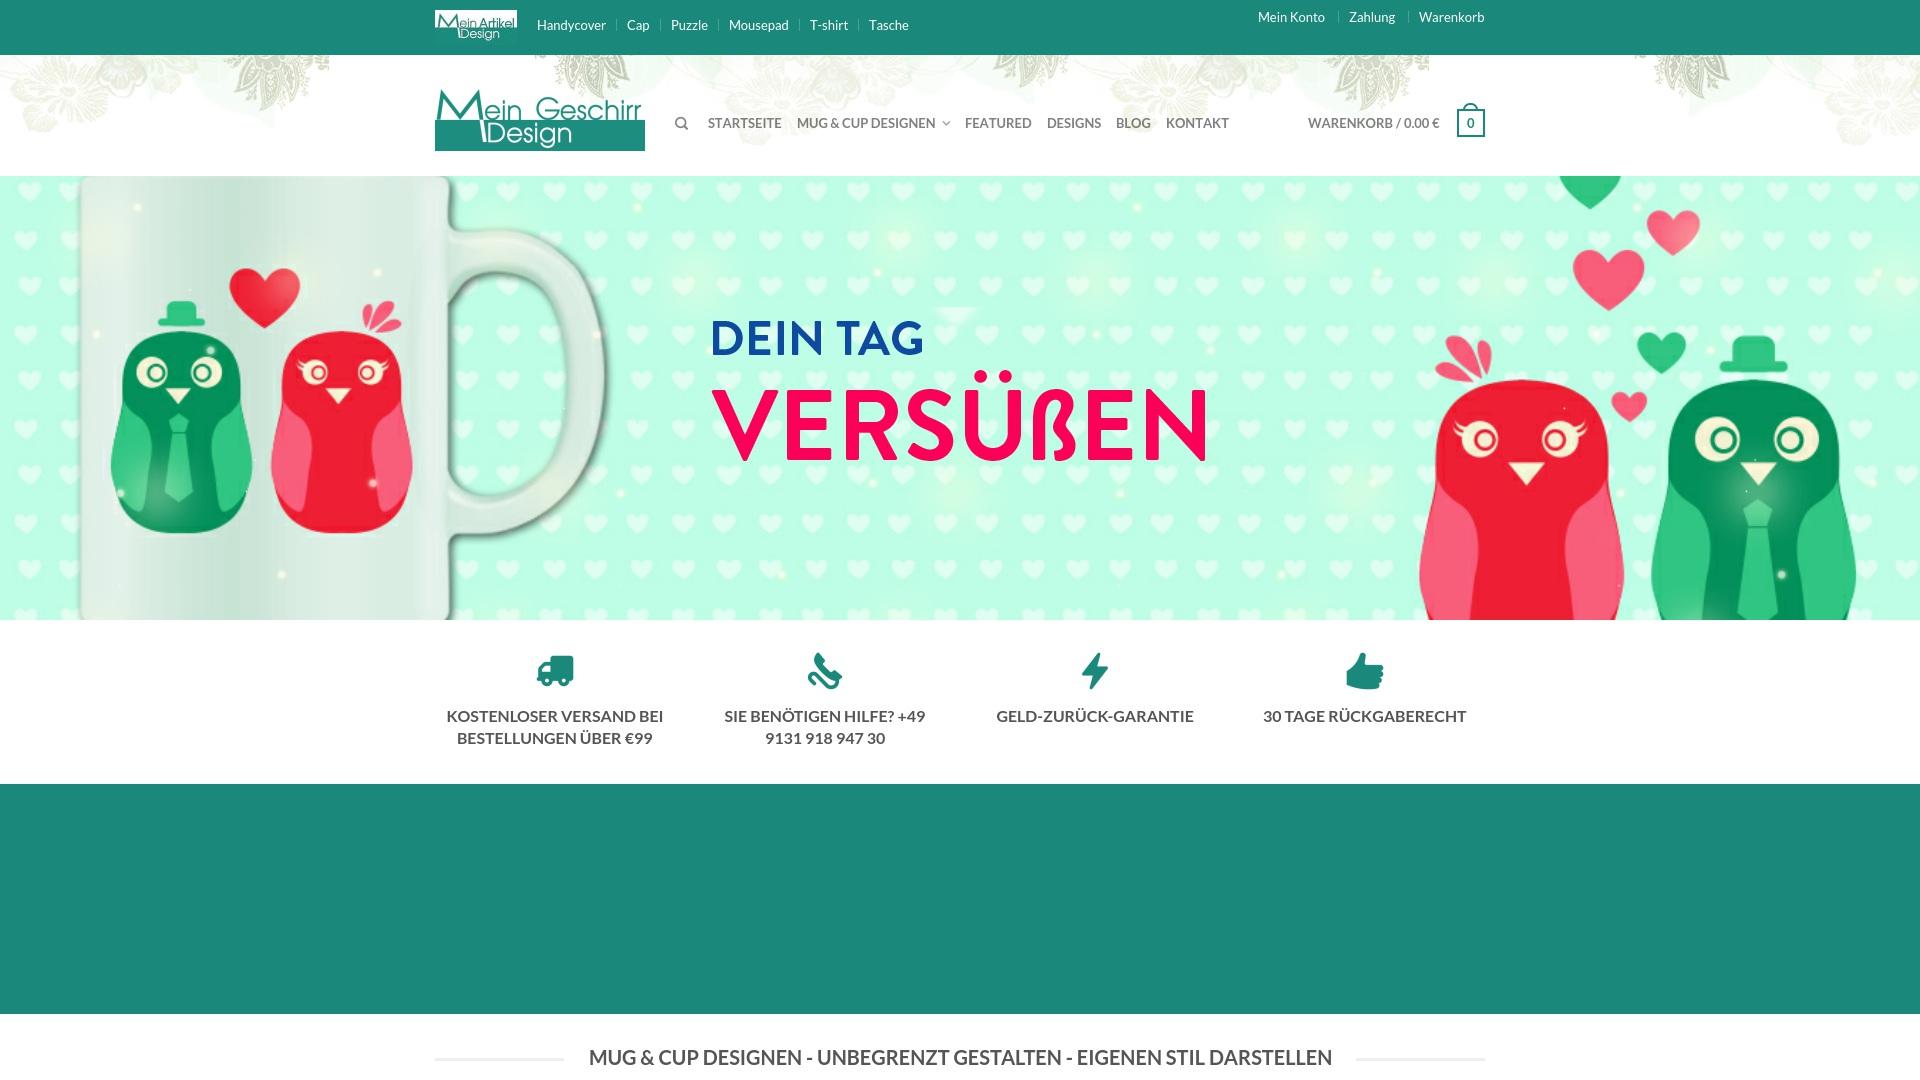 Gutschein für Mein-geschirr-design: Rabatte für  Mein-geschirr-design sichern